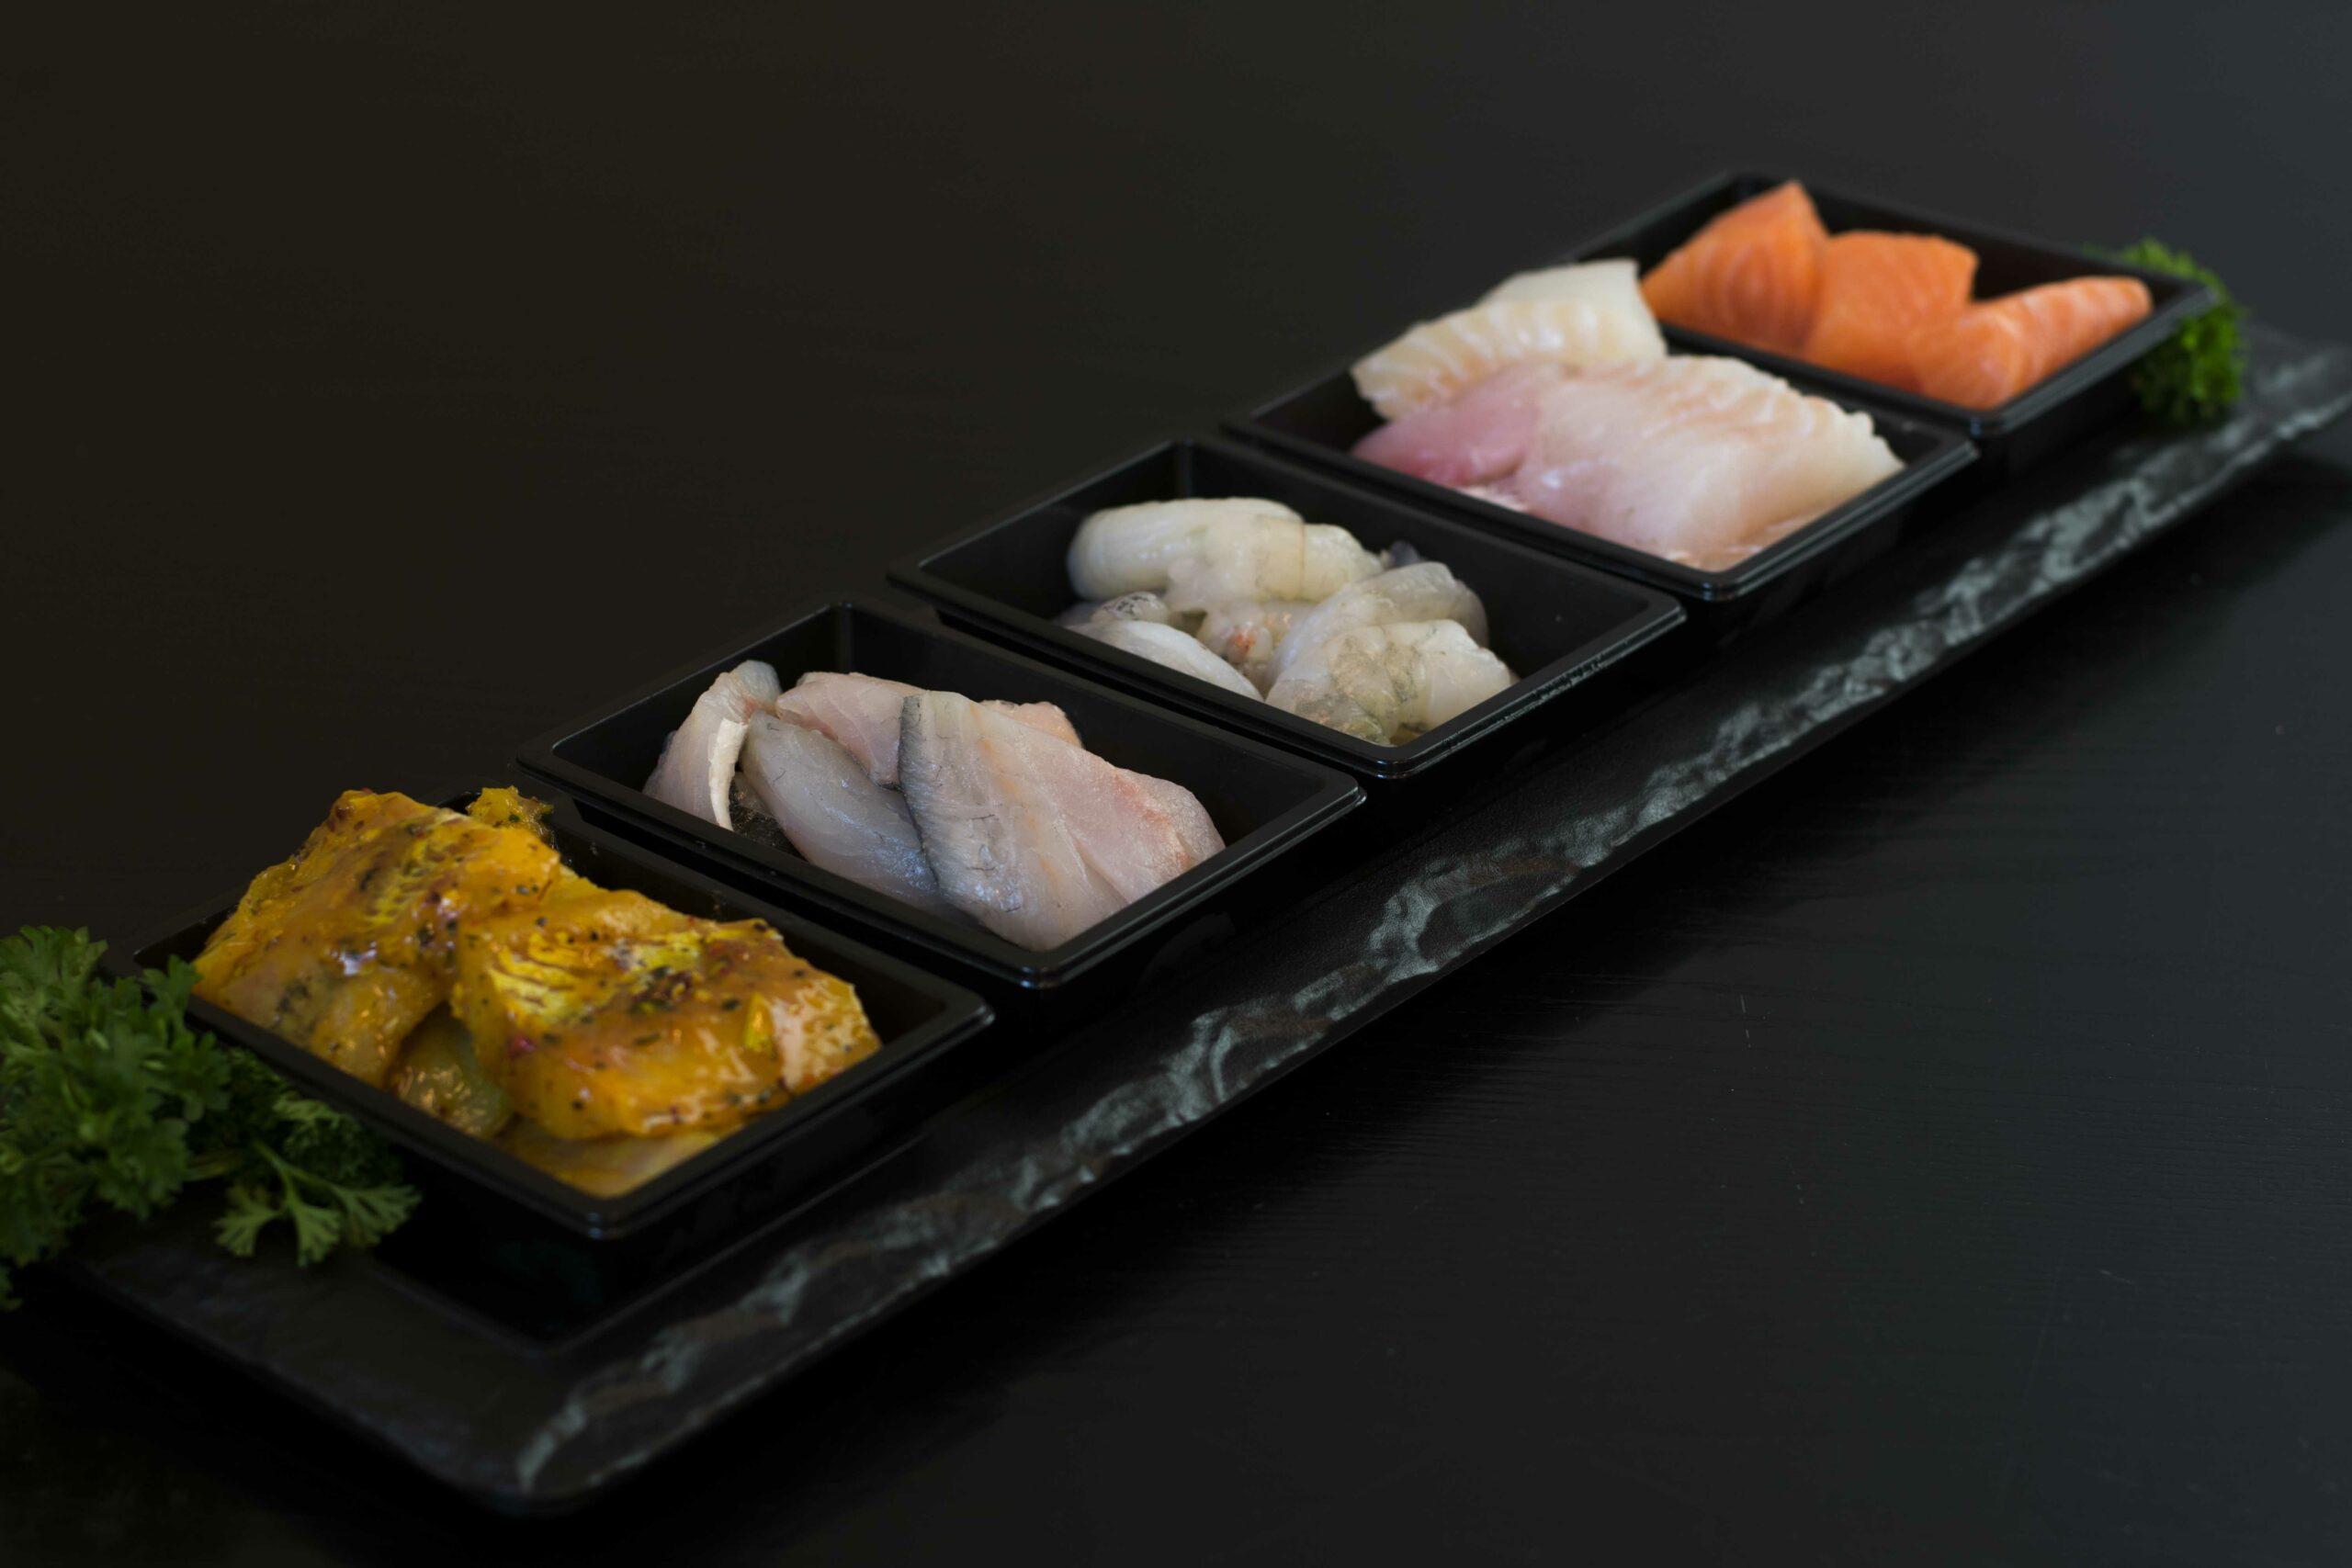 Visaanhuisbezorgd medium sushi